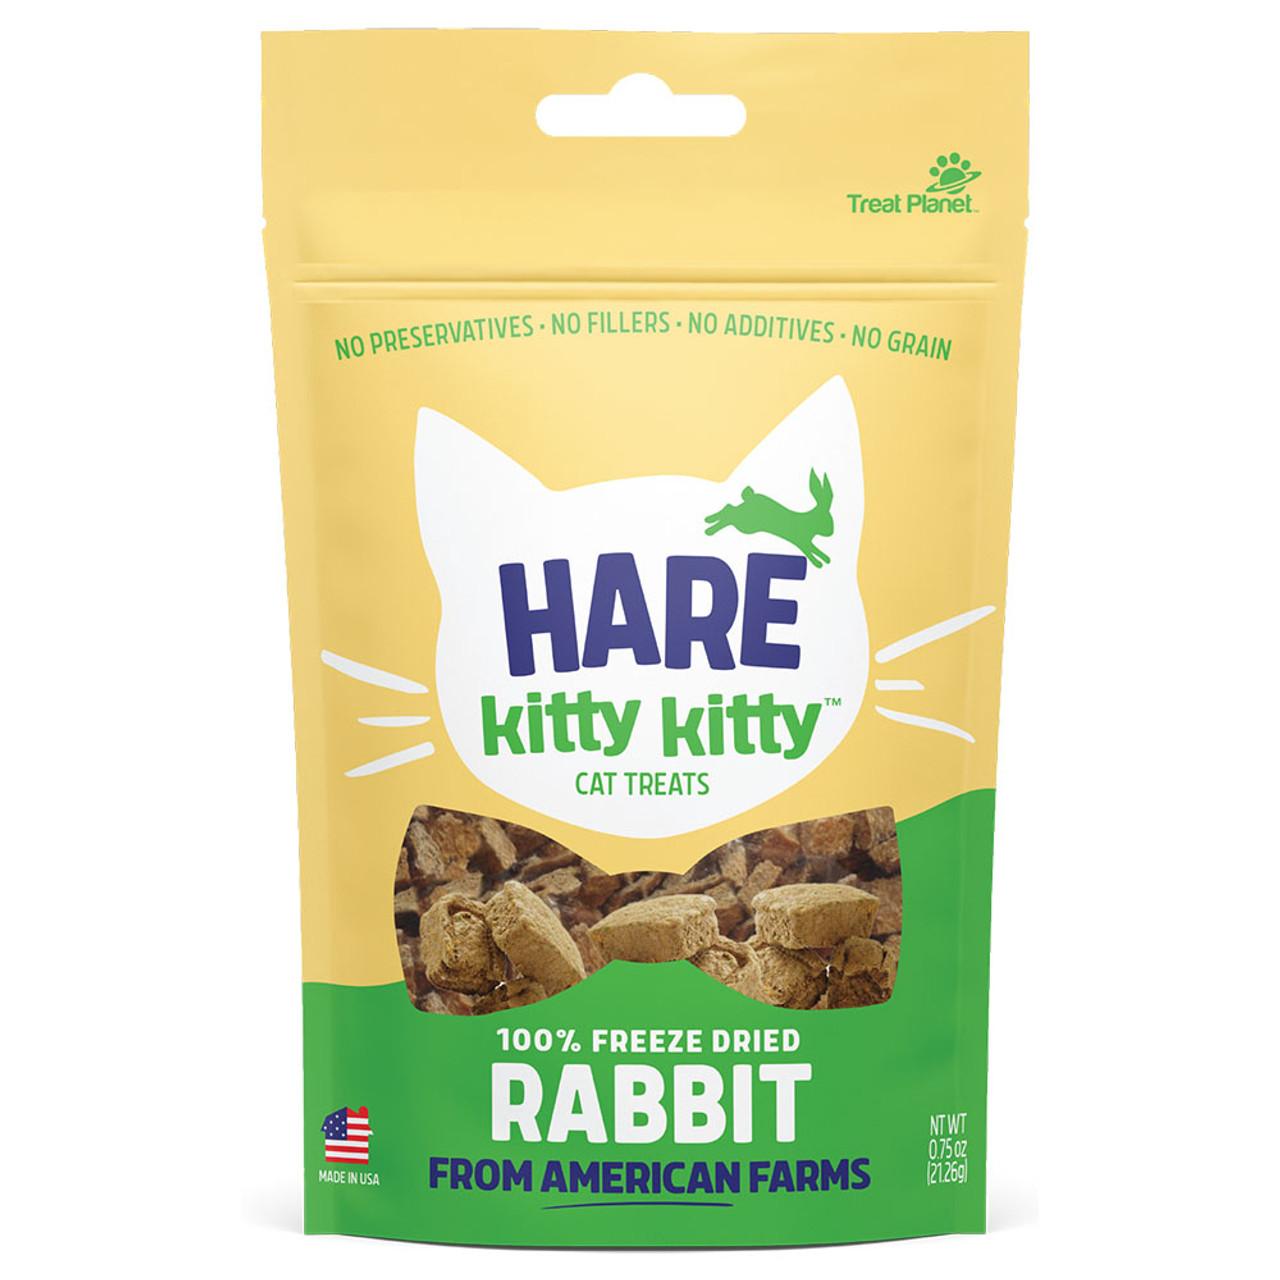 Hare Kitty Kitty Freeze Dried Rabbit Cat Treats